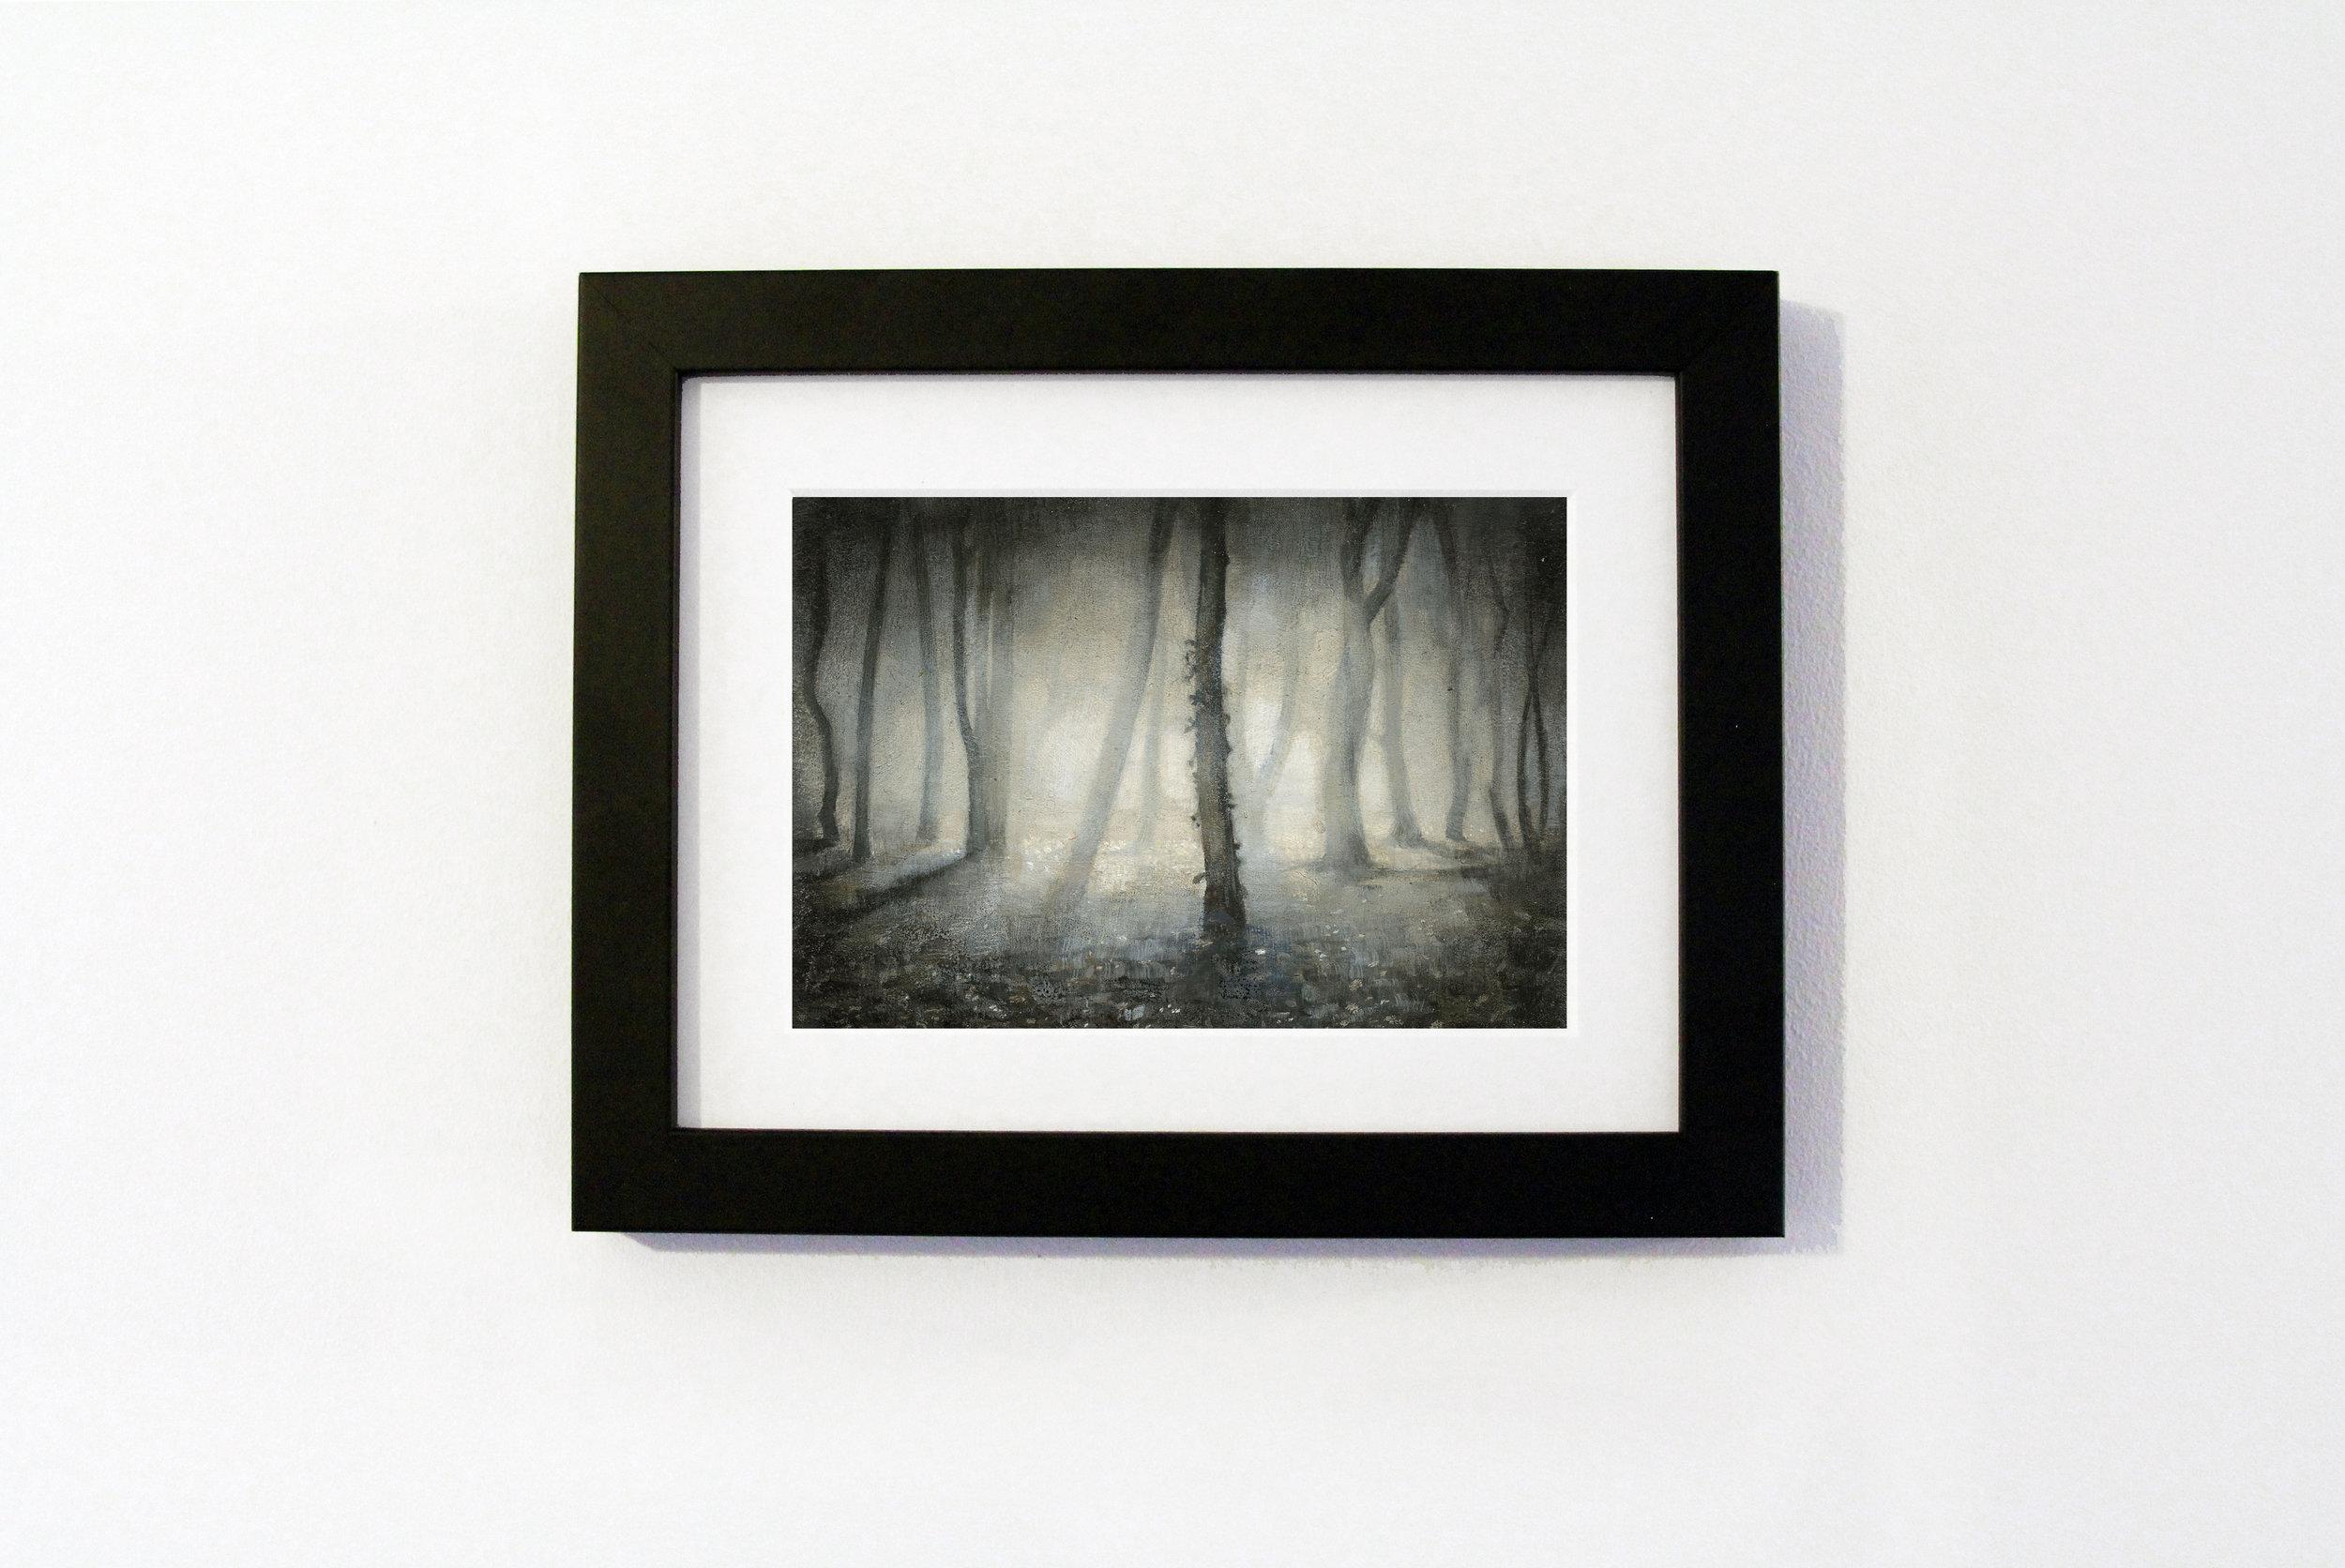 Black Frame Landscape FRONT2.jpg